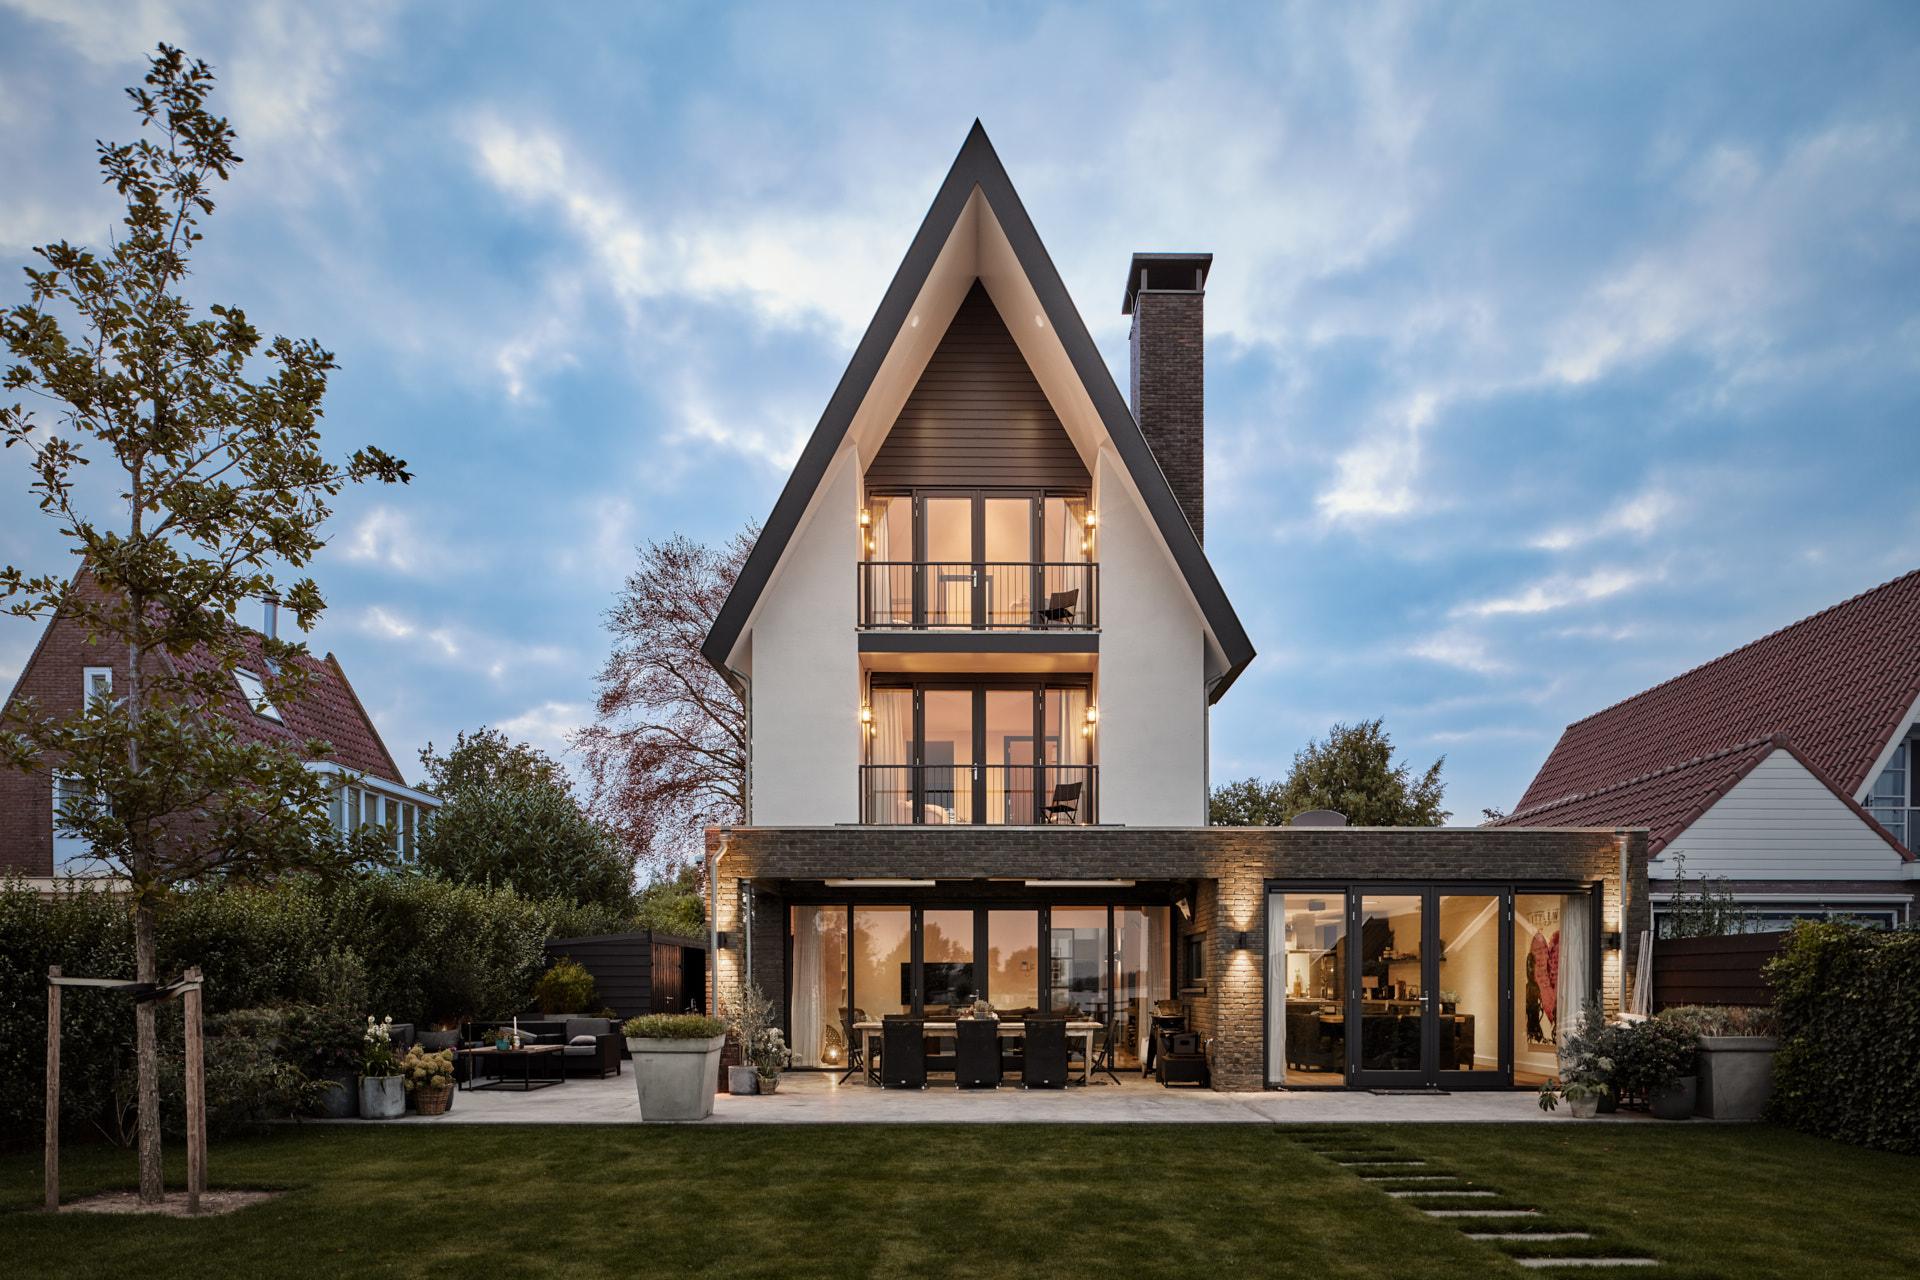 Moderne nieuwbouw villa ontworpen door Amsterdamse architect Maxim Winkelaar in Vinkeveen.